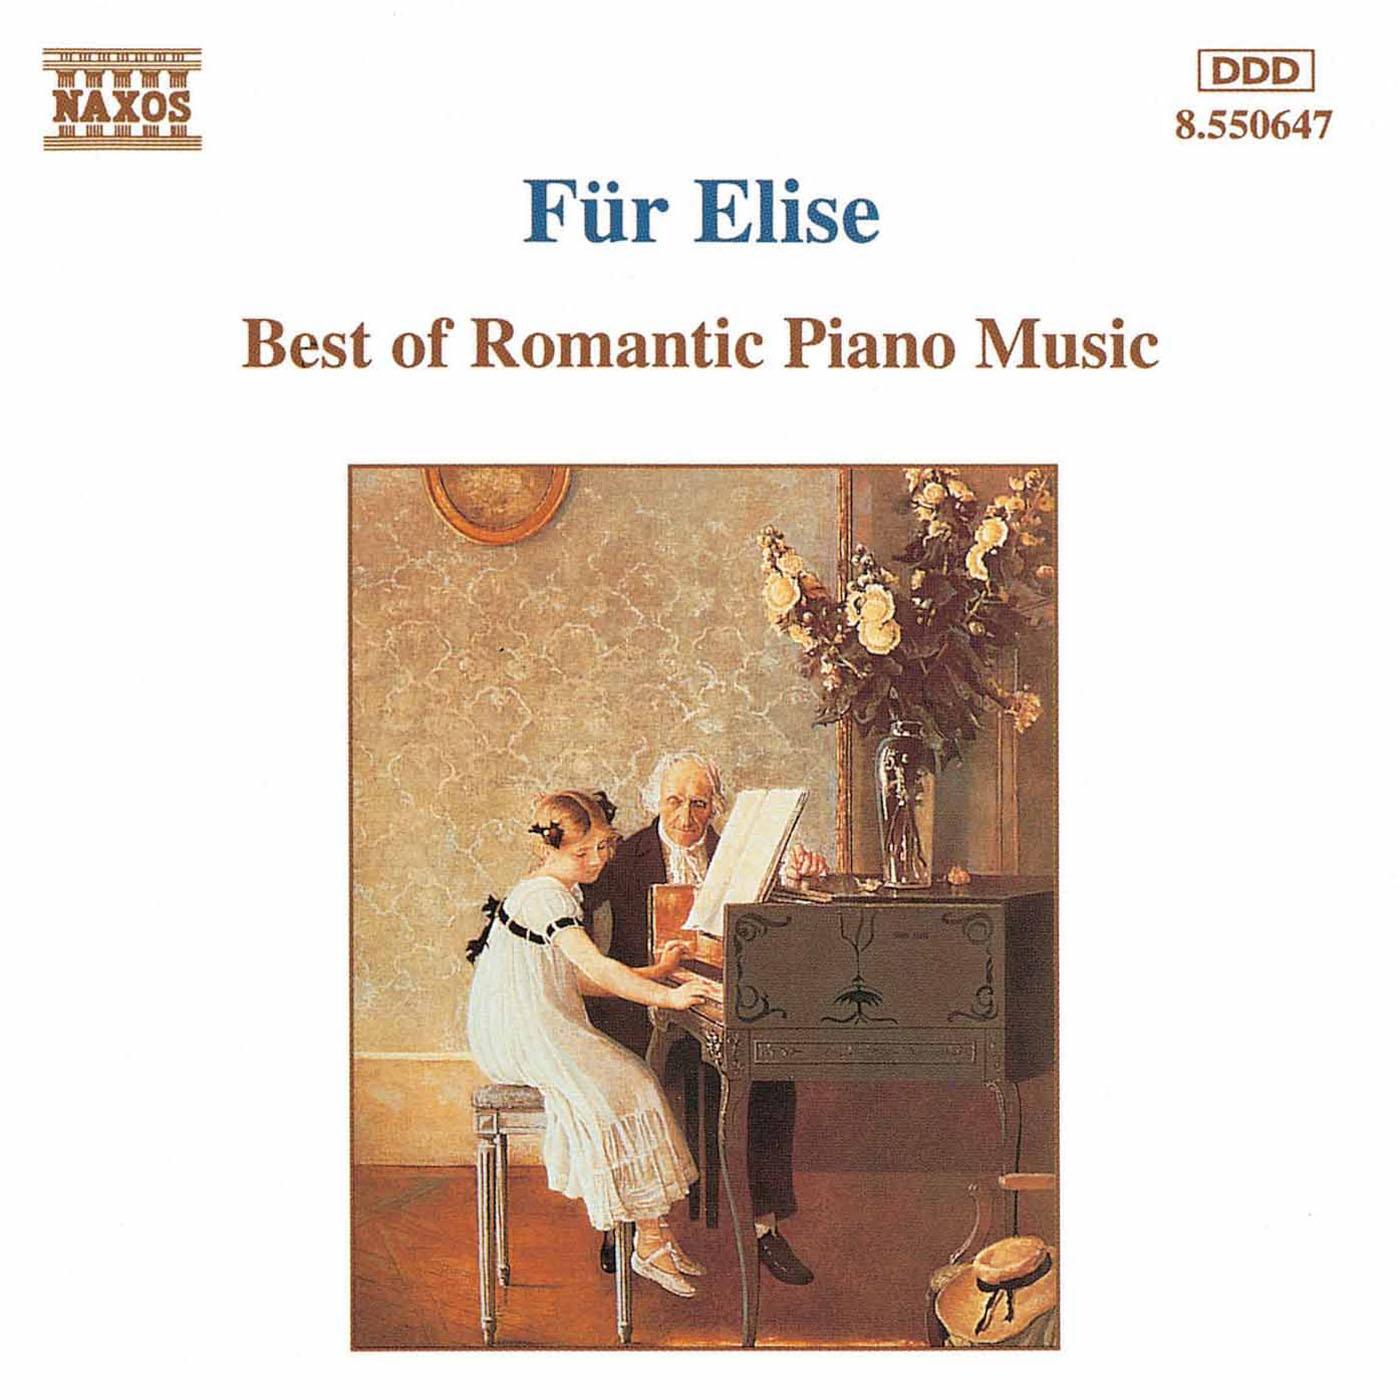 Fur Elise - Romantic Piano Music